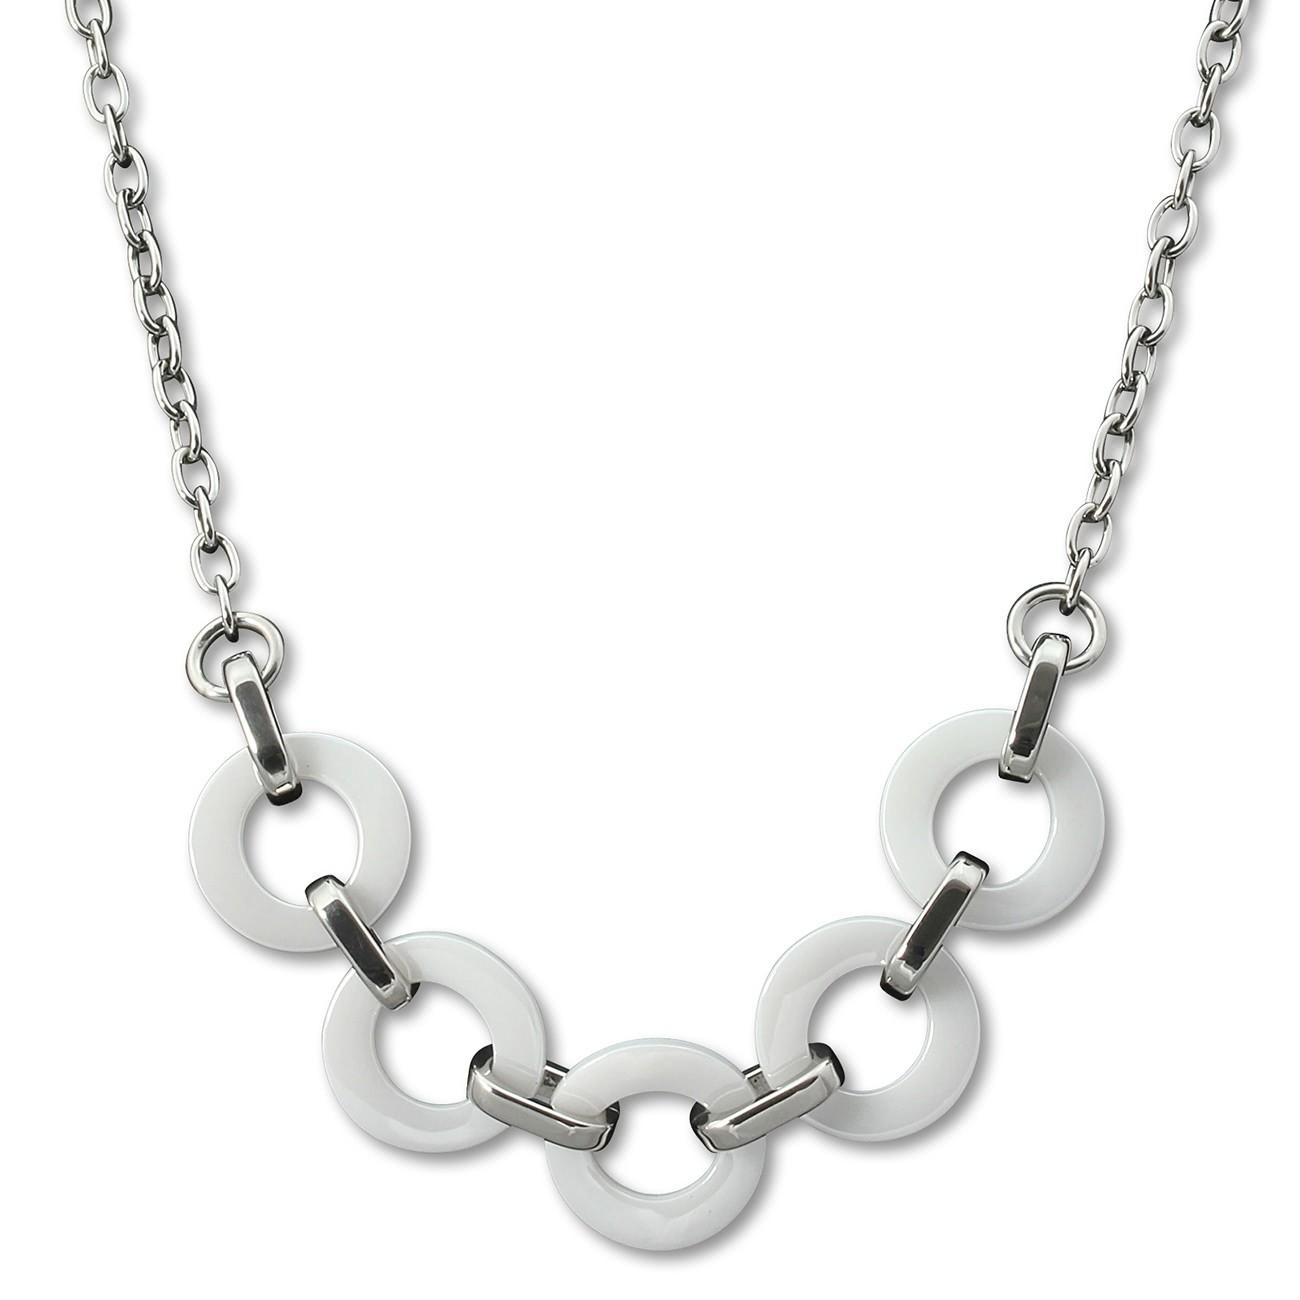 Amello Halskette Keramik Ring weiß Damen Edelstahlschmuck ESKX01W